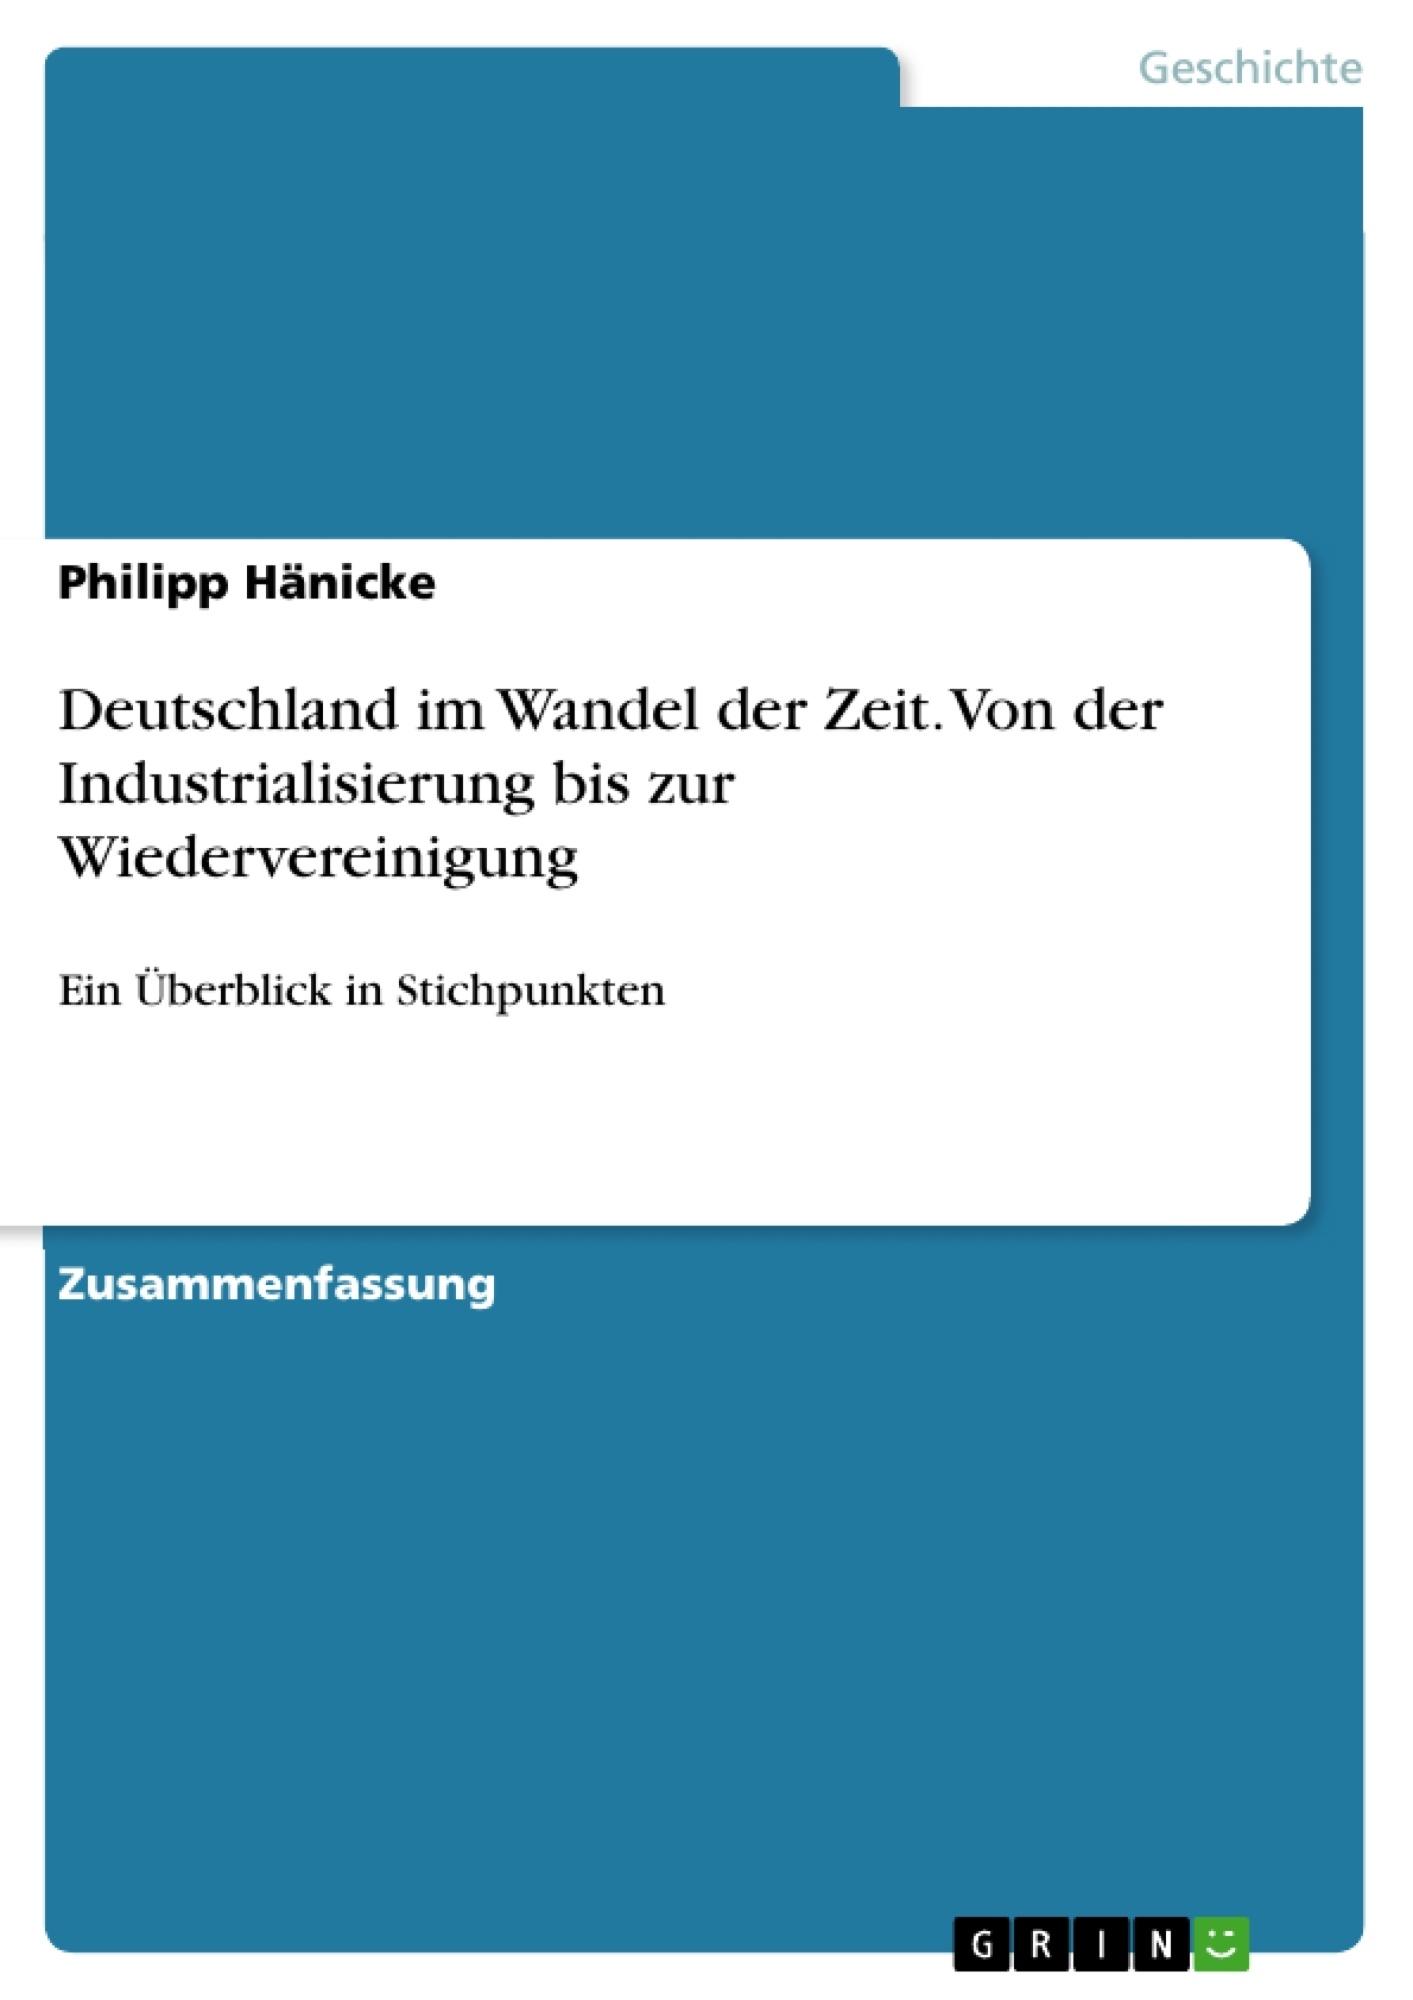 Titel: Deutschland im Wandel der Zeit. Von der Industrialisierung bis zur Wiedervereinigung